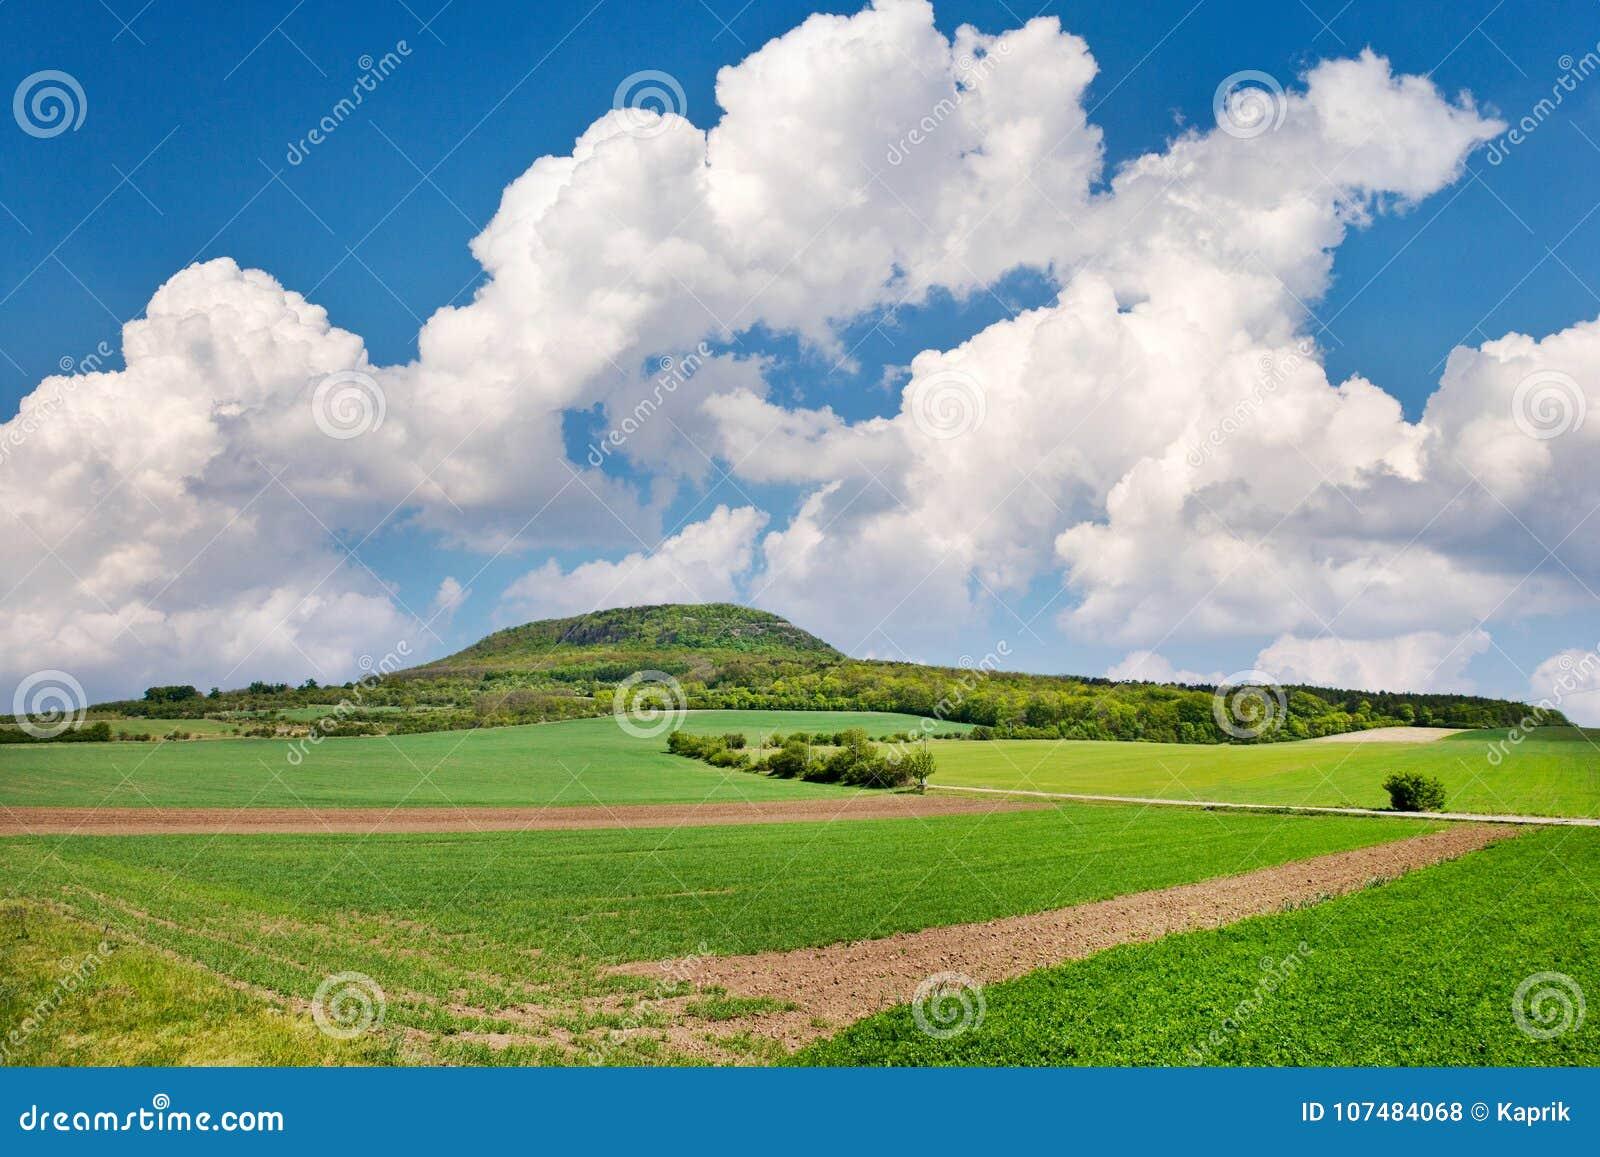 Национальный мистический сулой холма, центральная Богемия, чехия - ландшафт весны с зелеными полями и голубым небом с облаками